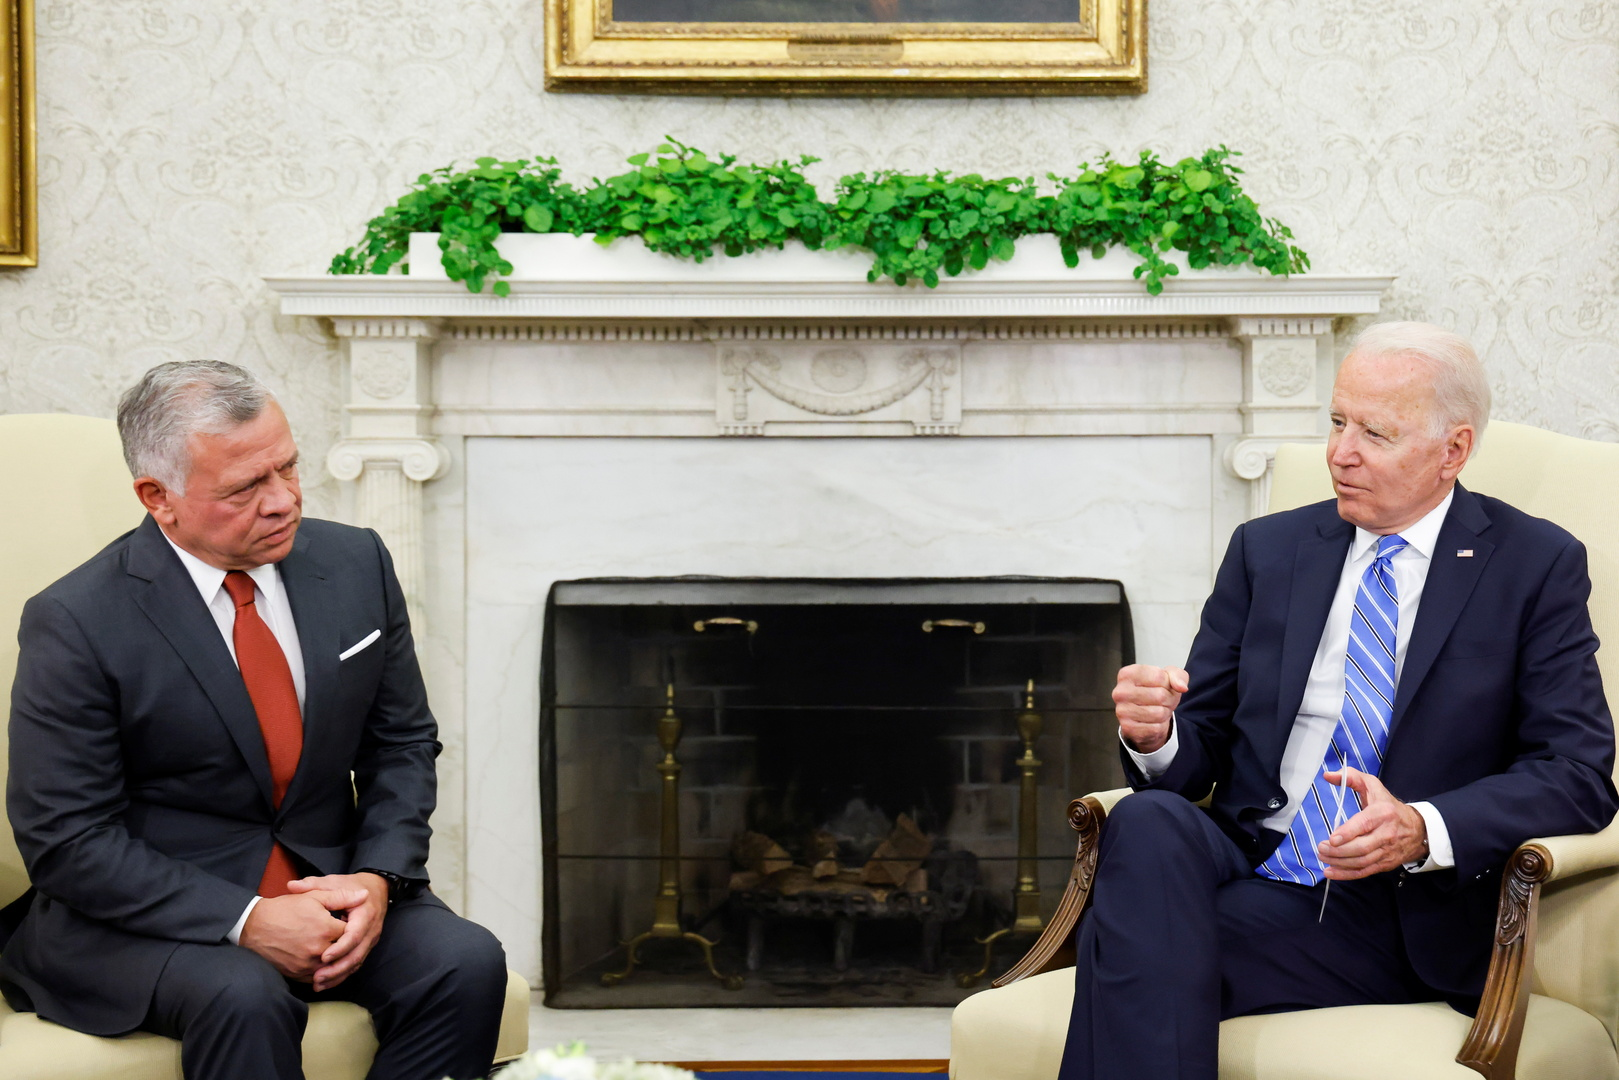 عبدالله الثاني يدعو من واشنطن لإطلاق مفاوضات بين الفلسطينيين والإسرائيليين